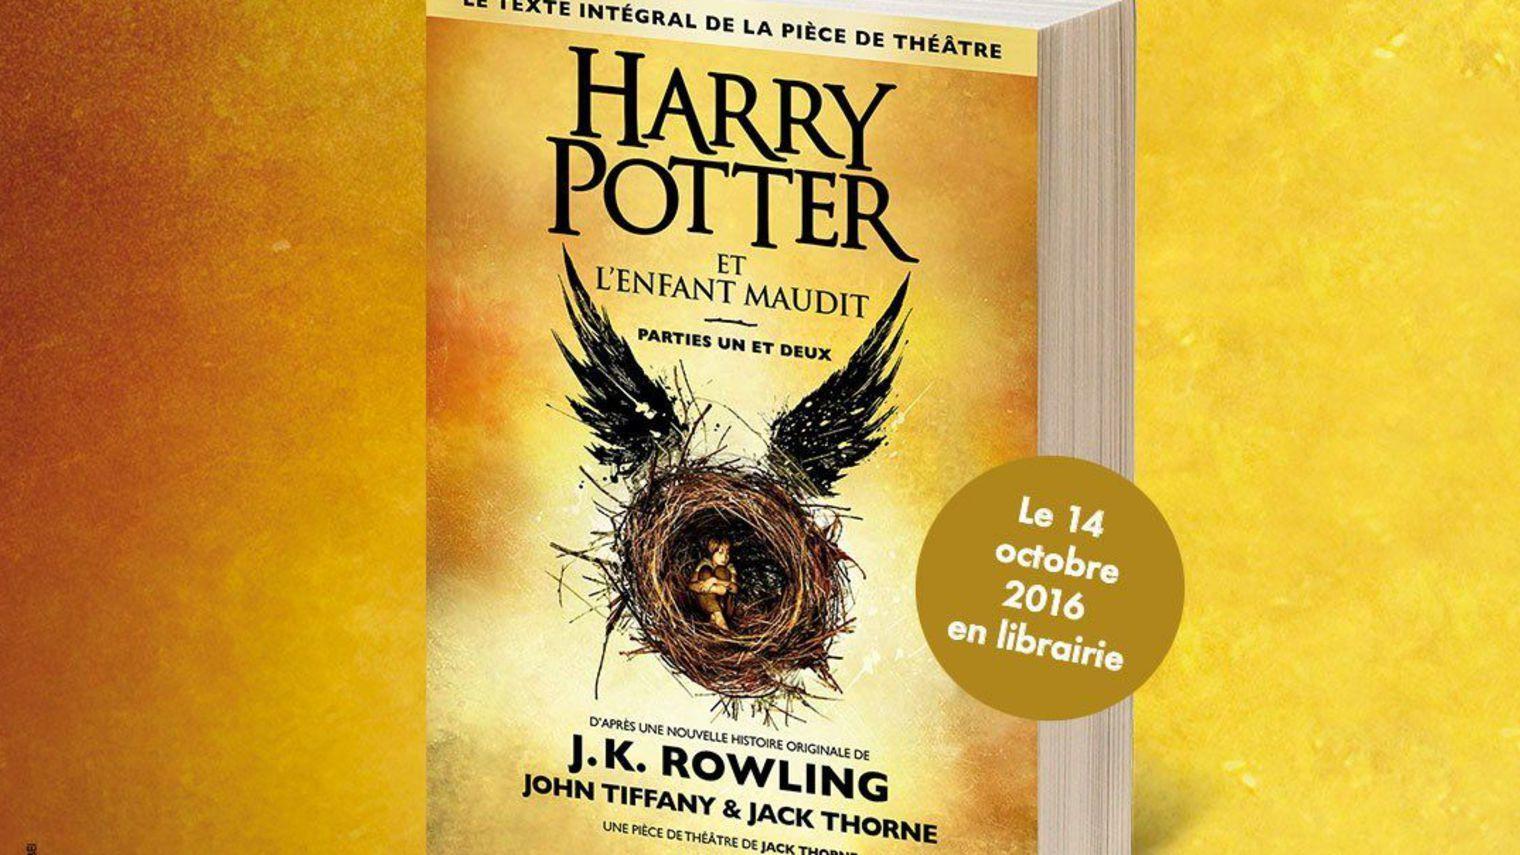 Sortie nationale de Harry Potter en français